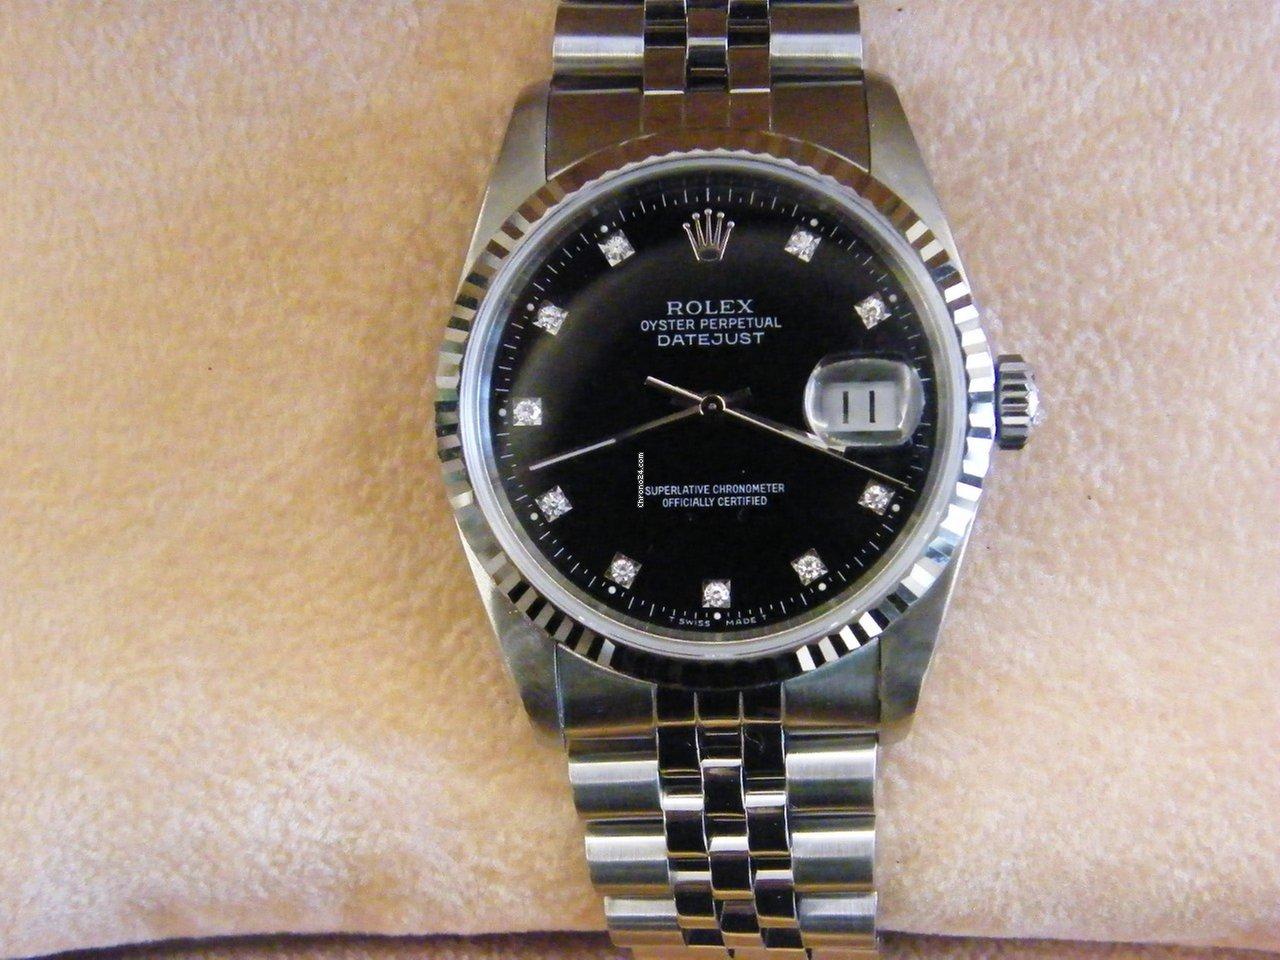 a3d22b1aa73 Orologi Rolex - Tutti i prezzi di orologi Rolex su Chrono24